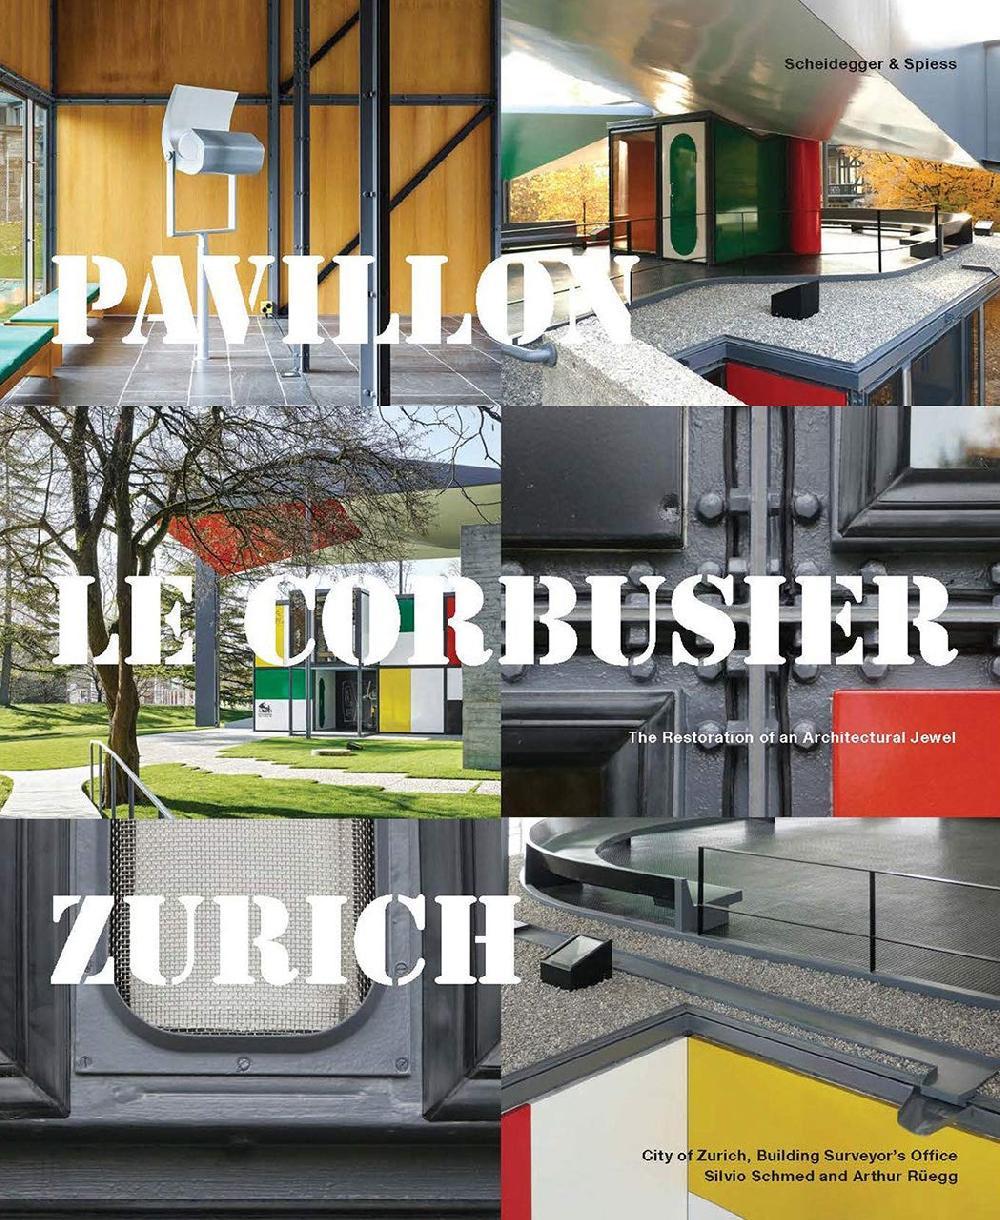 Pavillon Le Corbusier Zürich - The Restoration of an Architecture Jewel